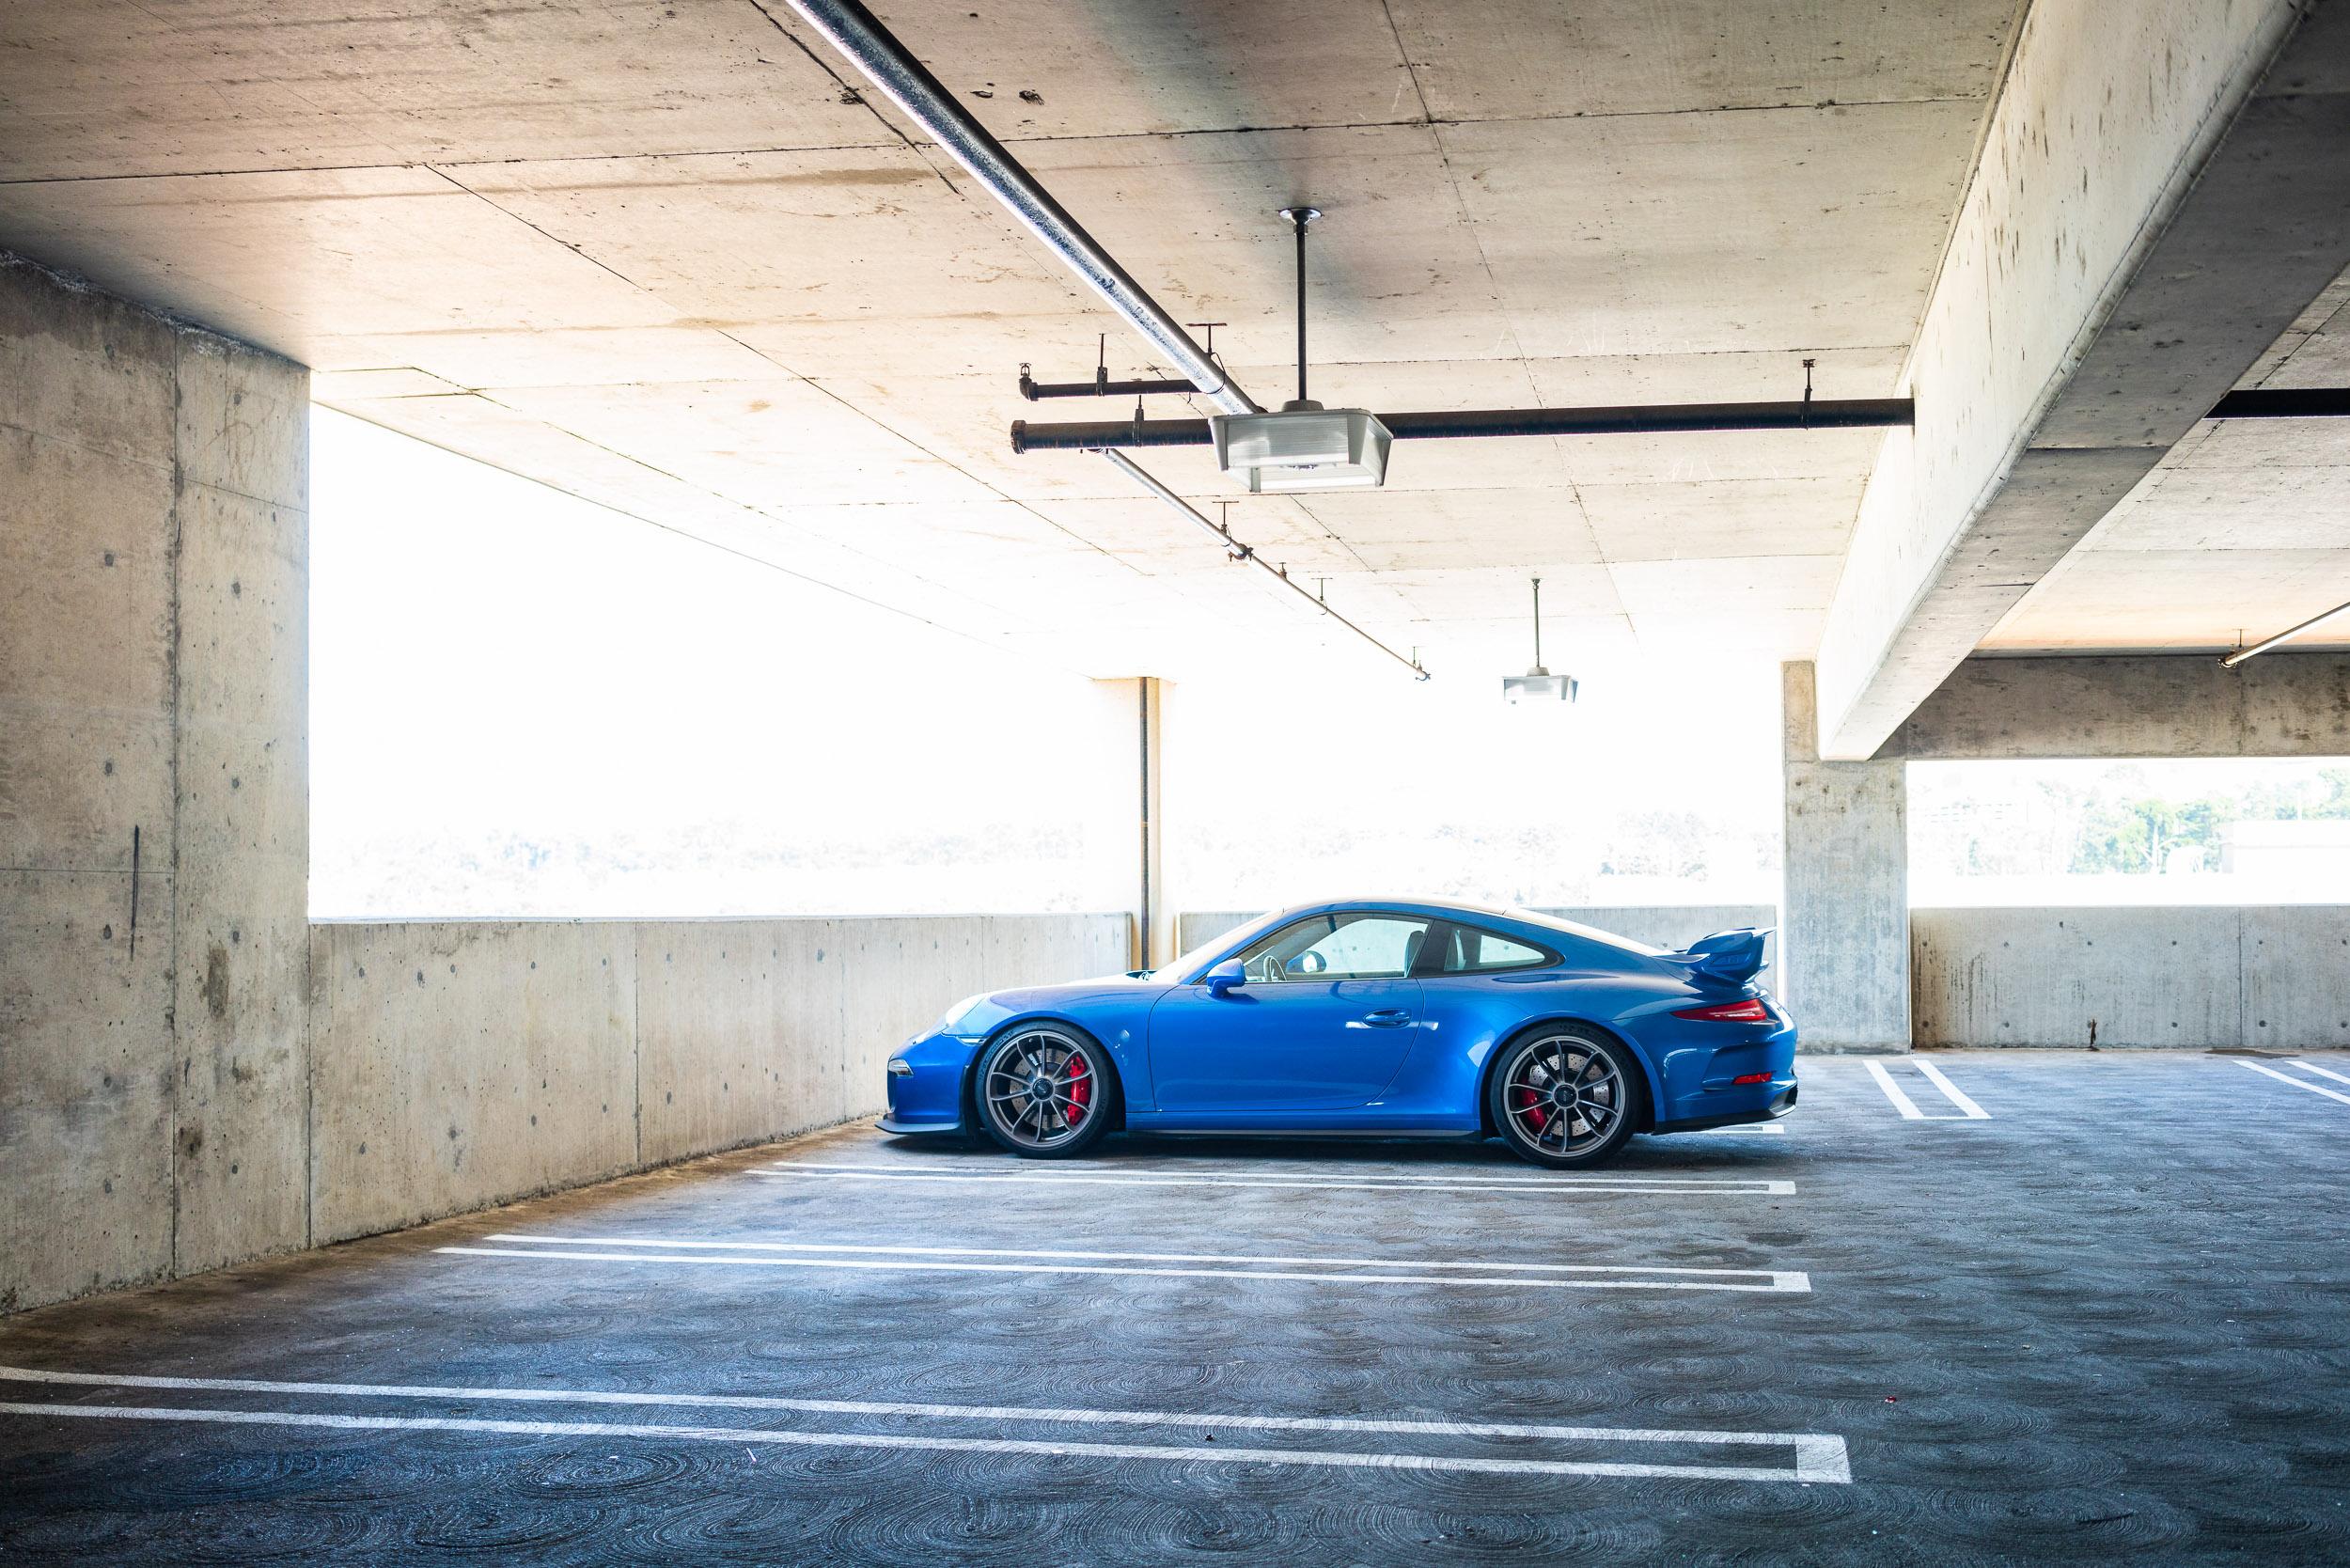 porsche-911-gt3-parked-westfield-mall.jpg